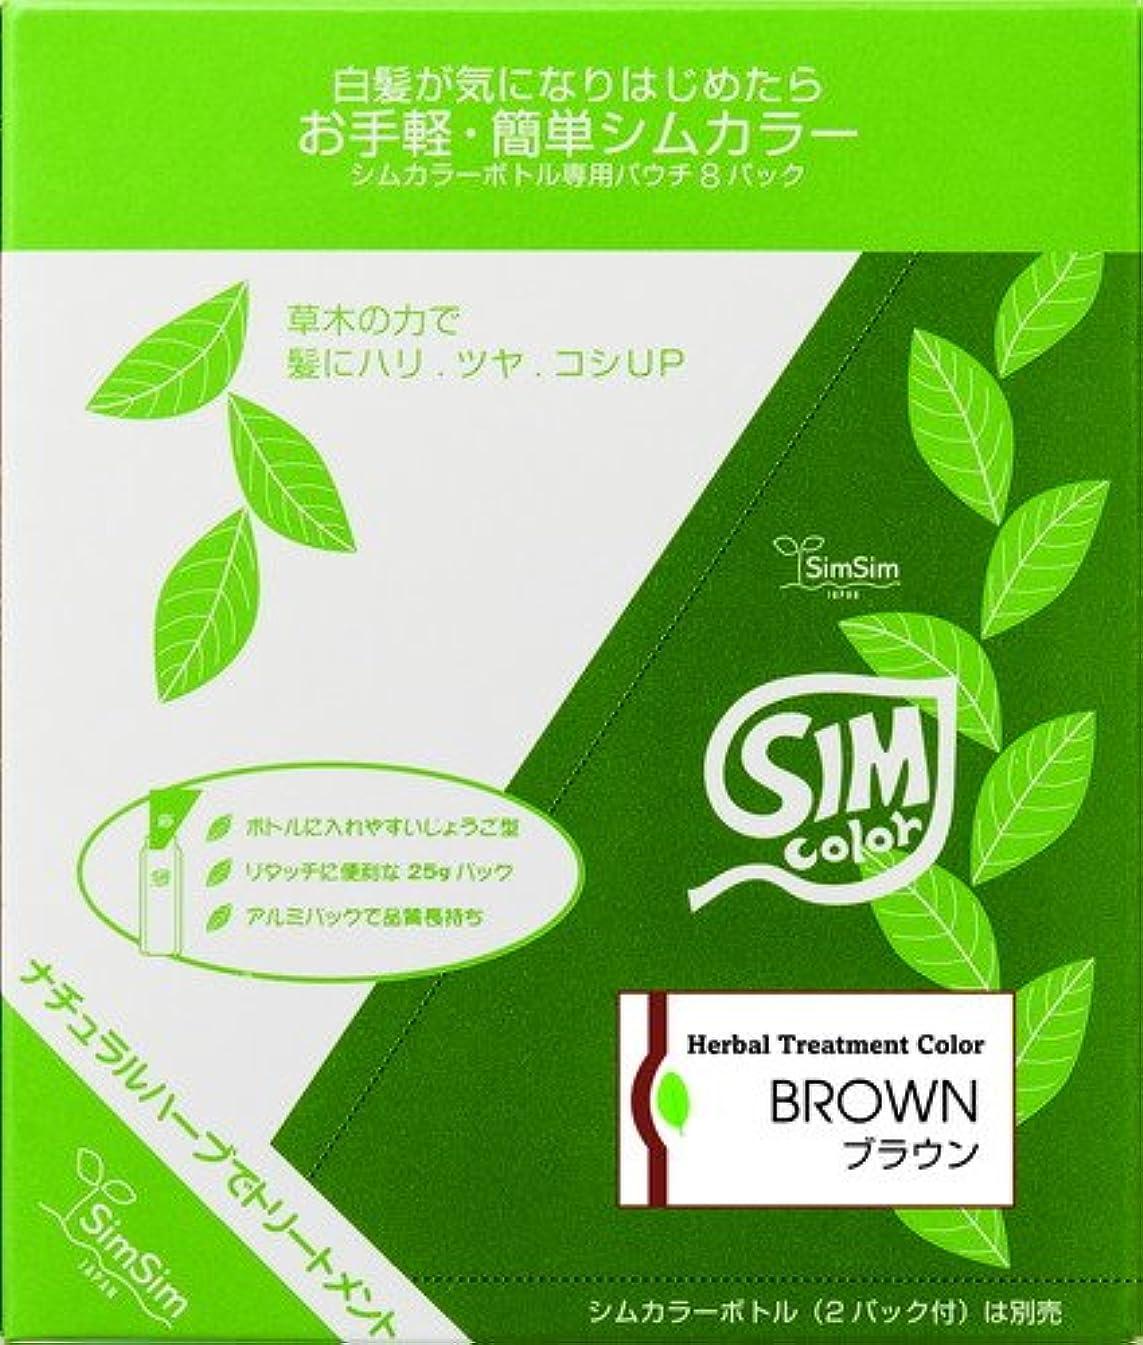 くすぐったい複合迷路SimSim(シムシム)お手軽簡単シムカラーエクストラ(EX)25g 8袋 ブラウン